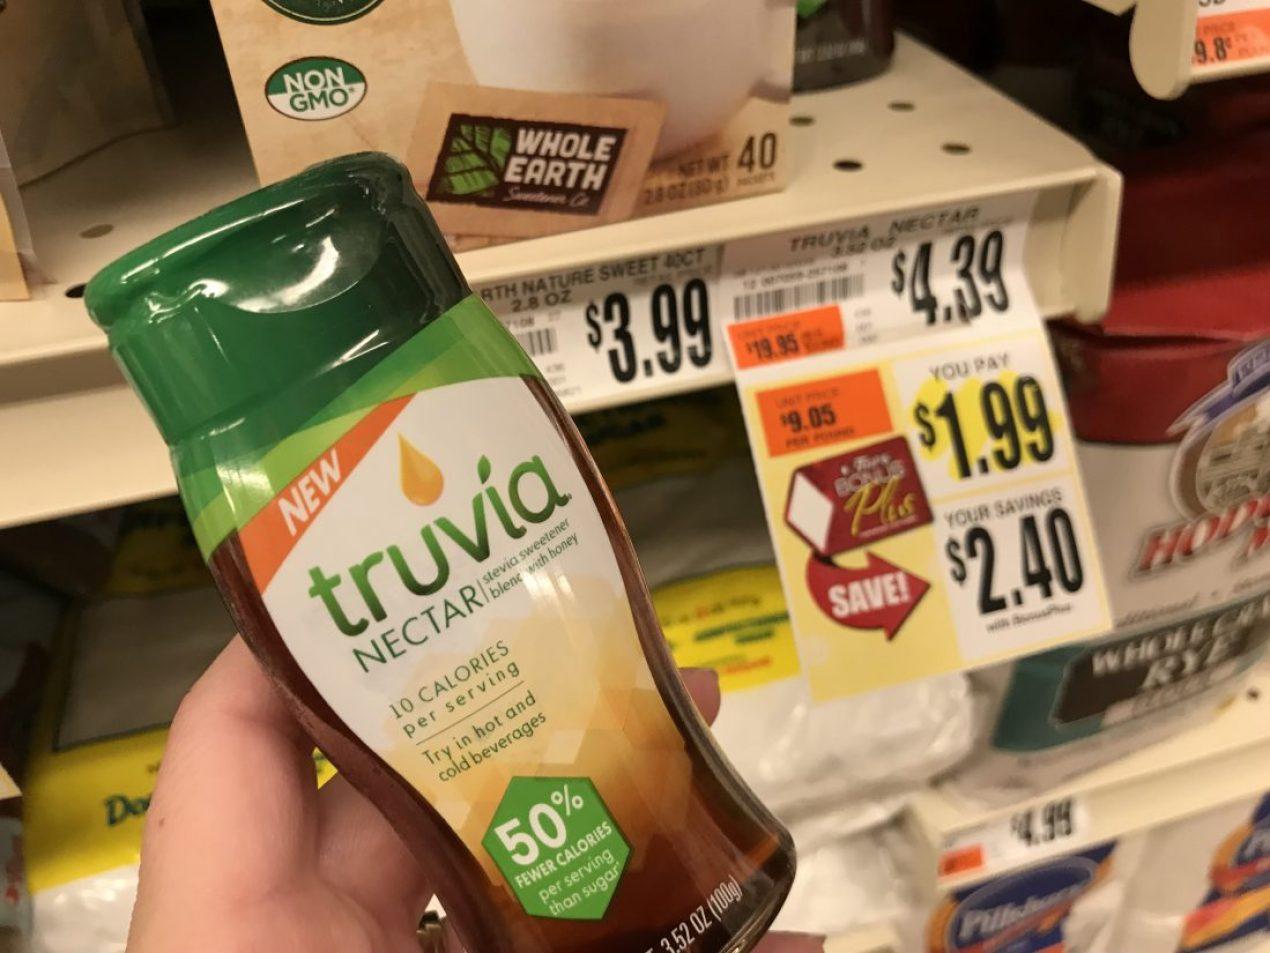 Truvia Nectar Sale At Tops Markets